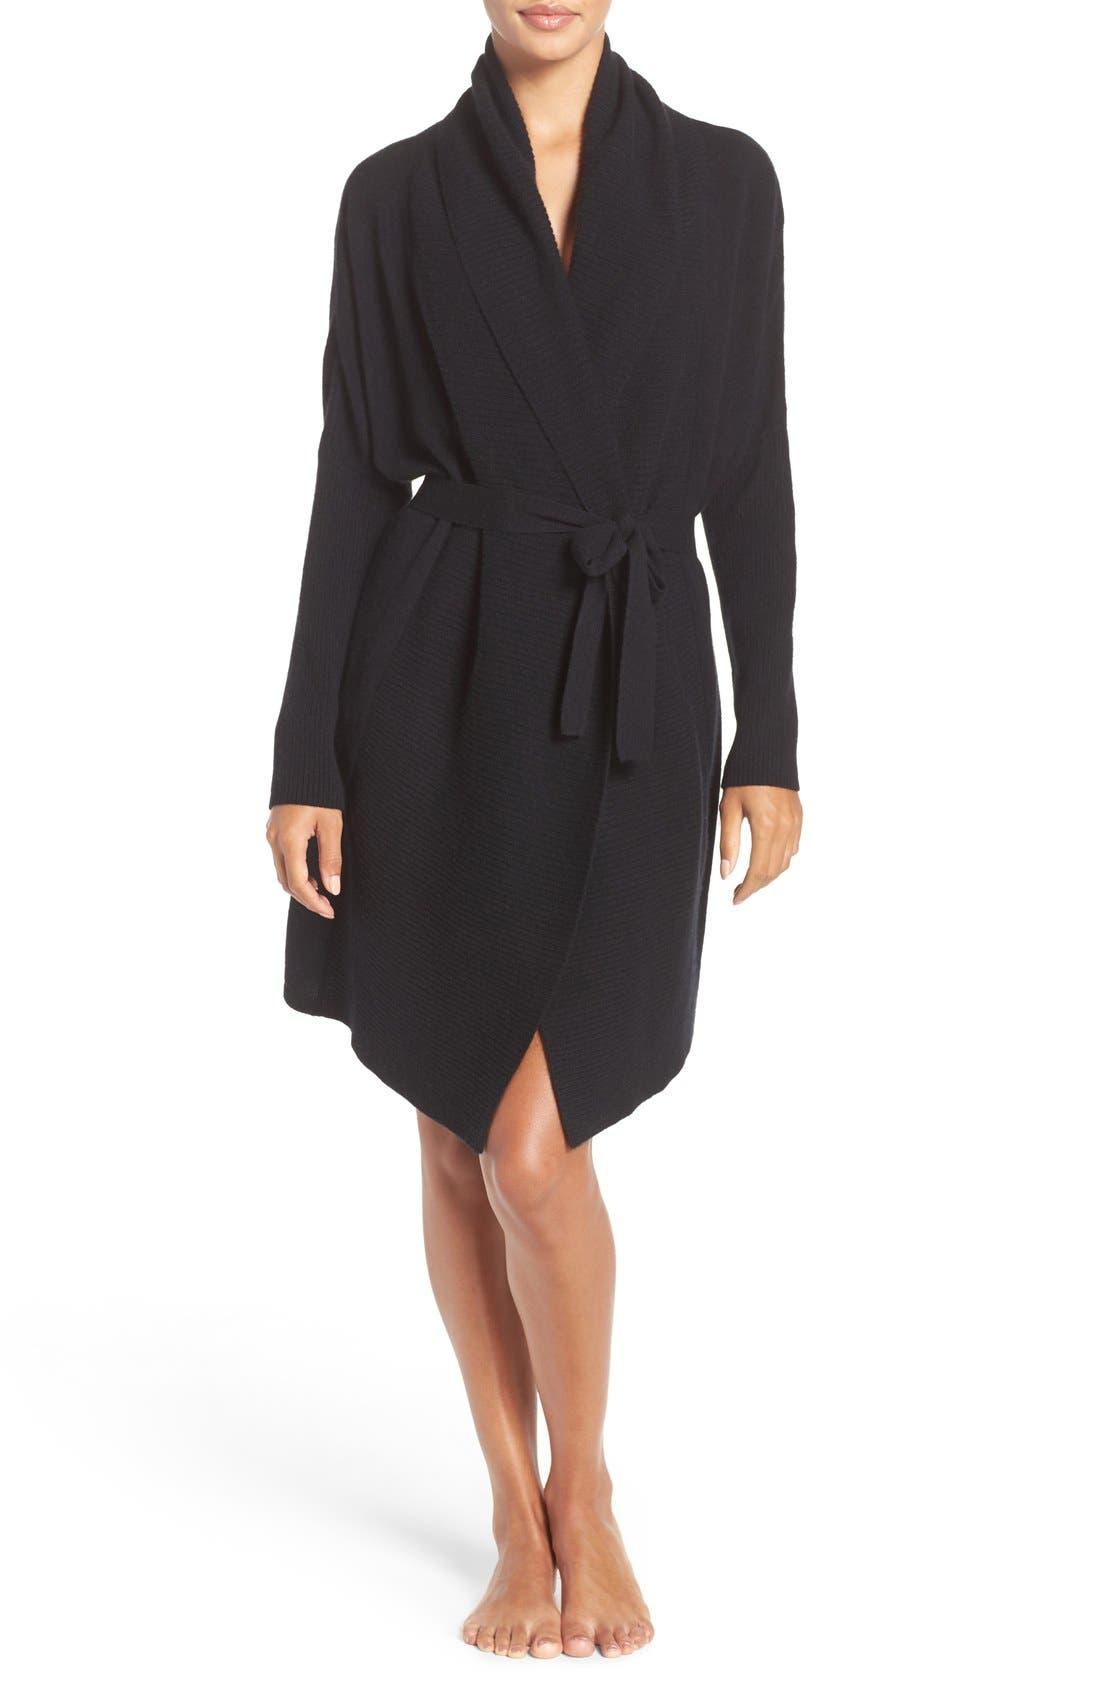 Main Image - UGG 'Cheyenne' Cashmere Robe